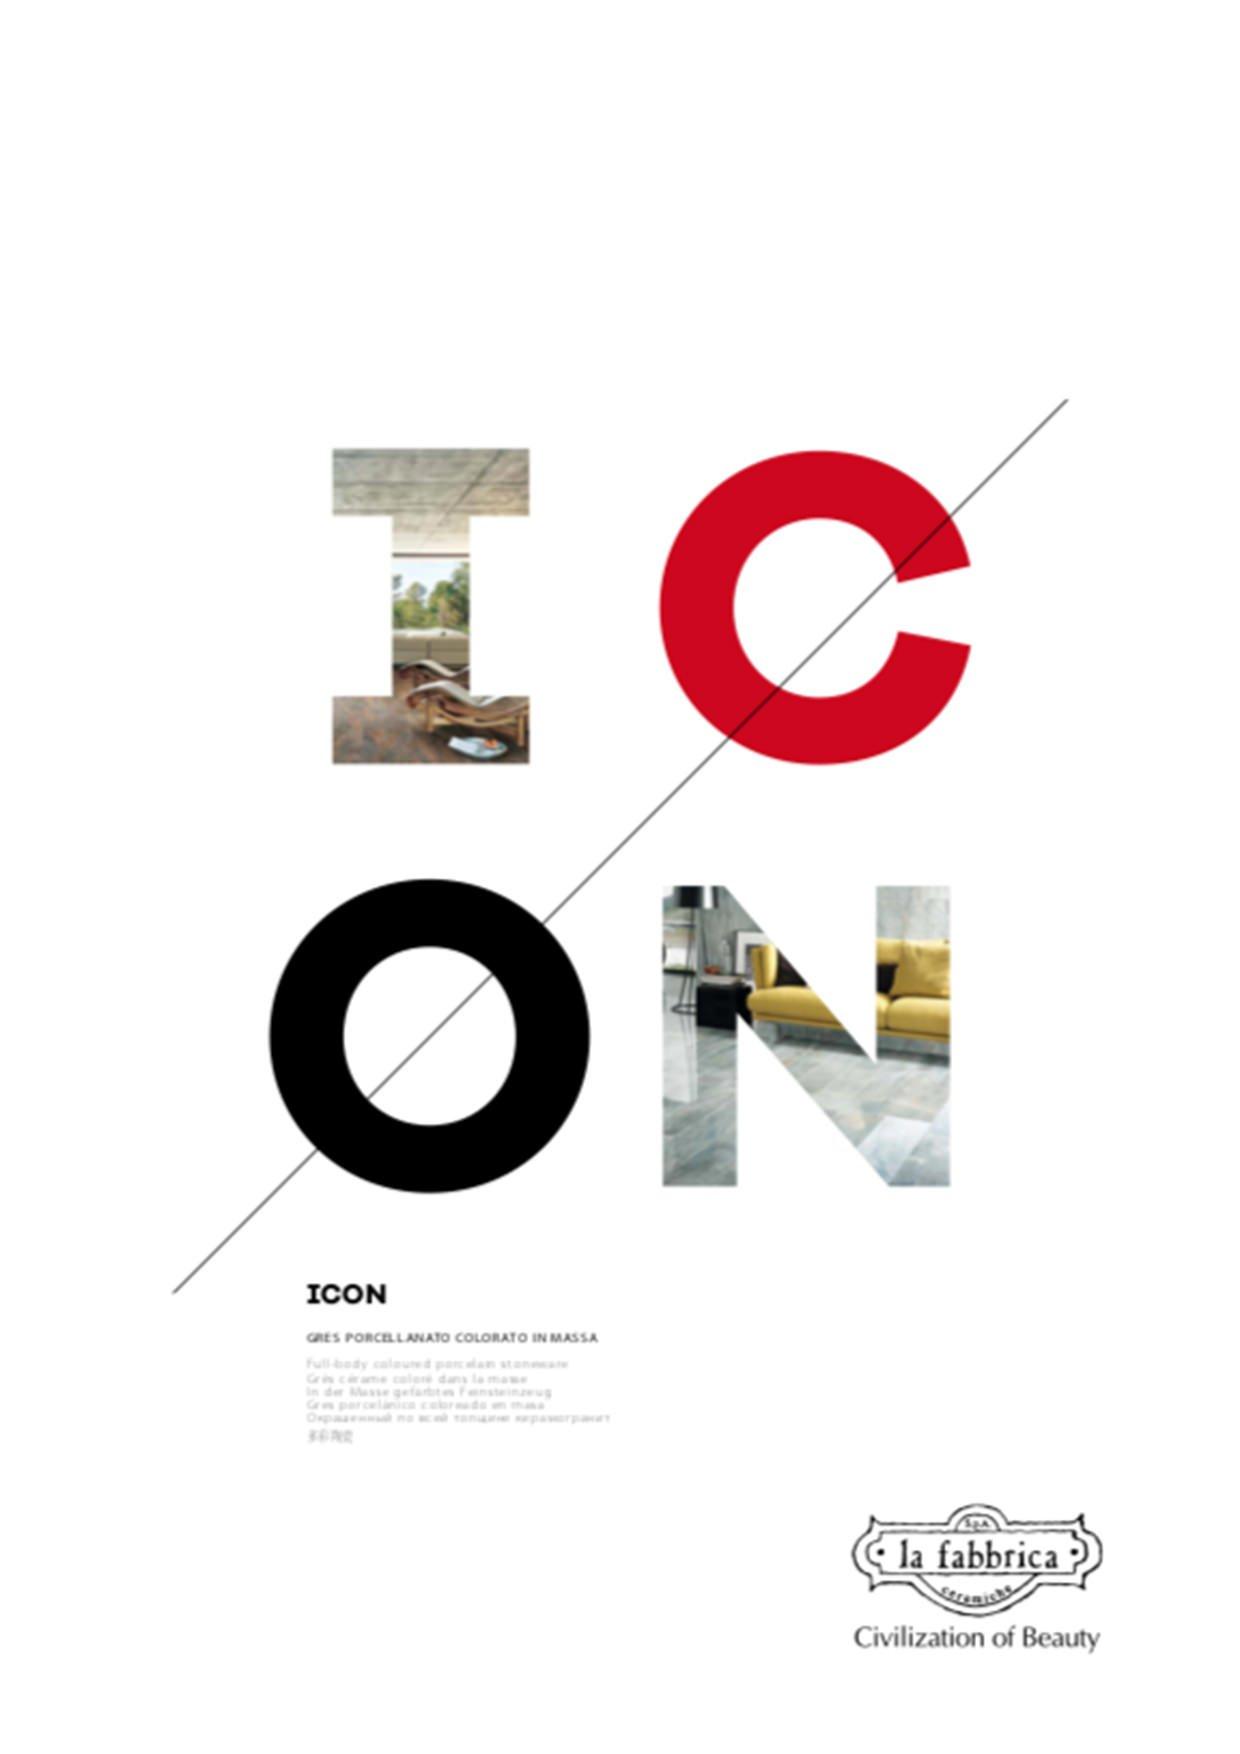 La Fabbrica Catalogo Icon